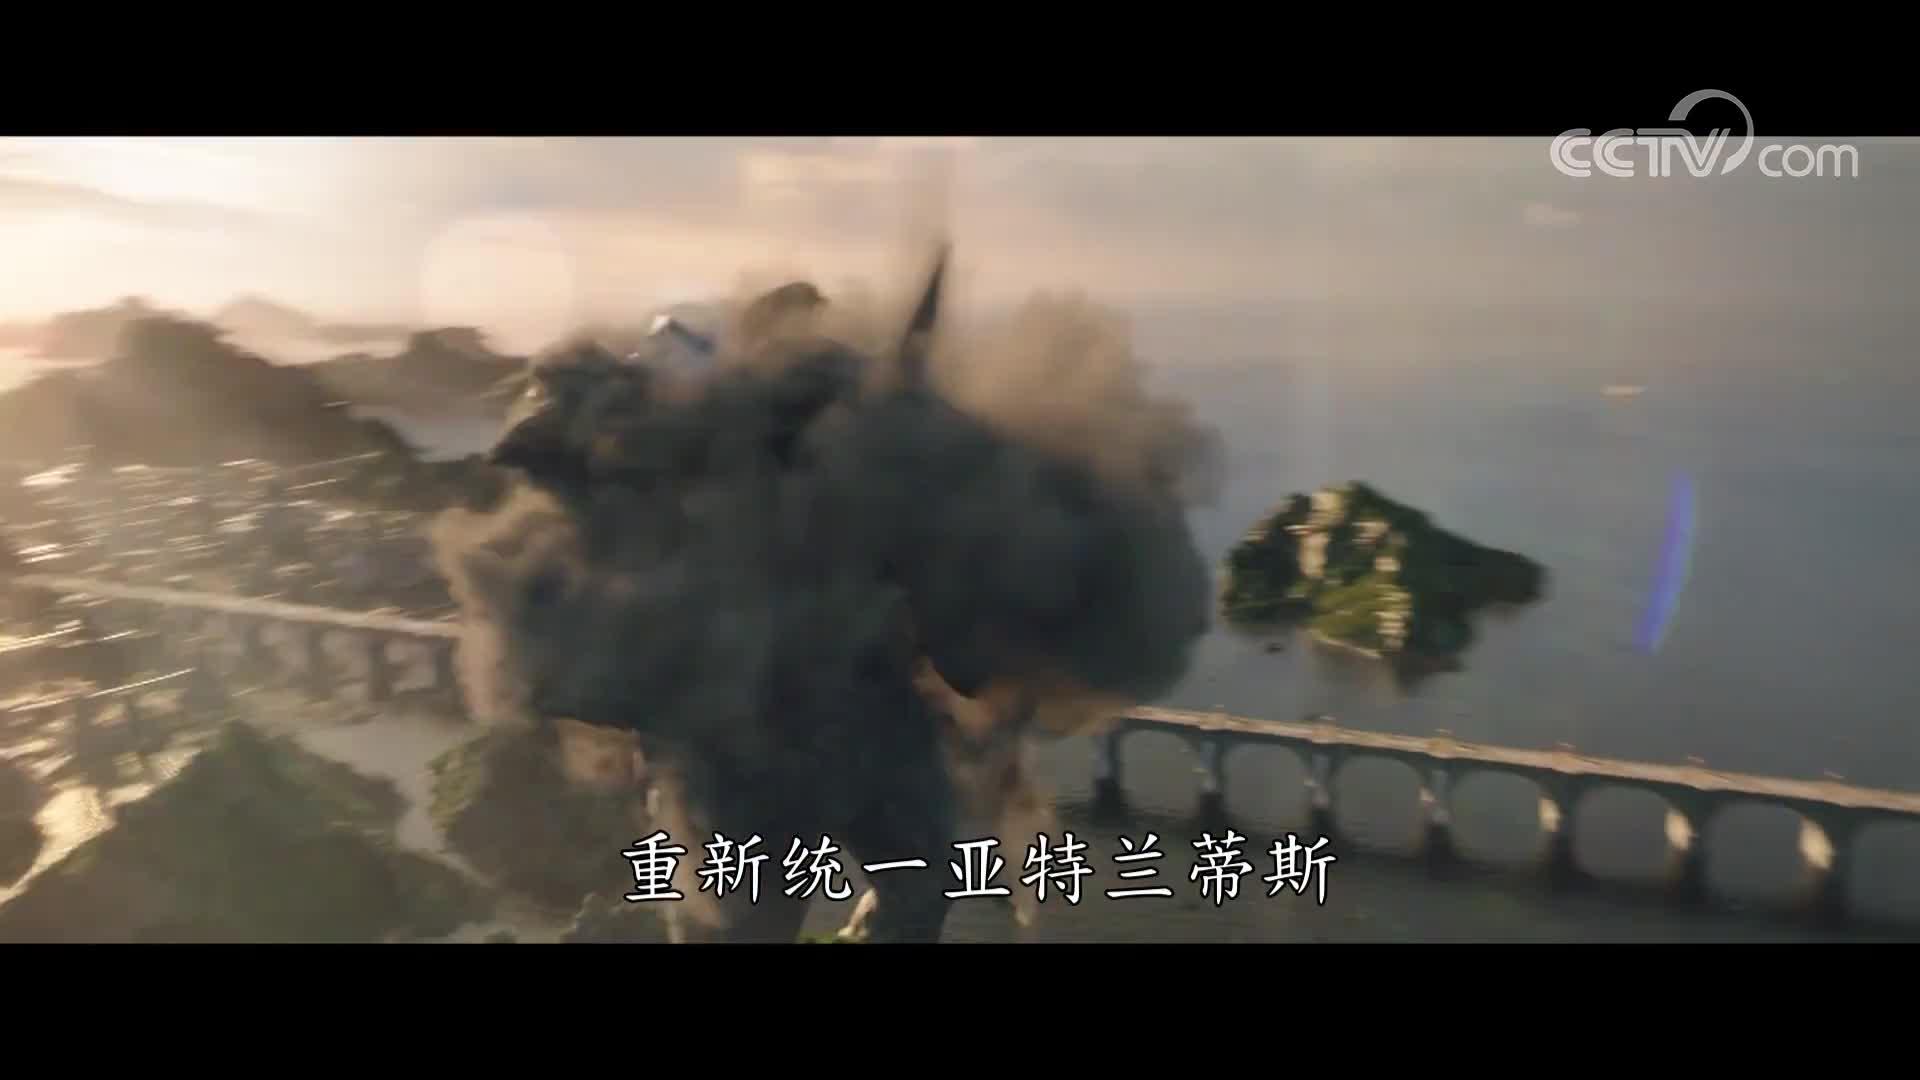 [视频]《海王》曝北美终极预告 超多新镜头见证王者崛起